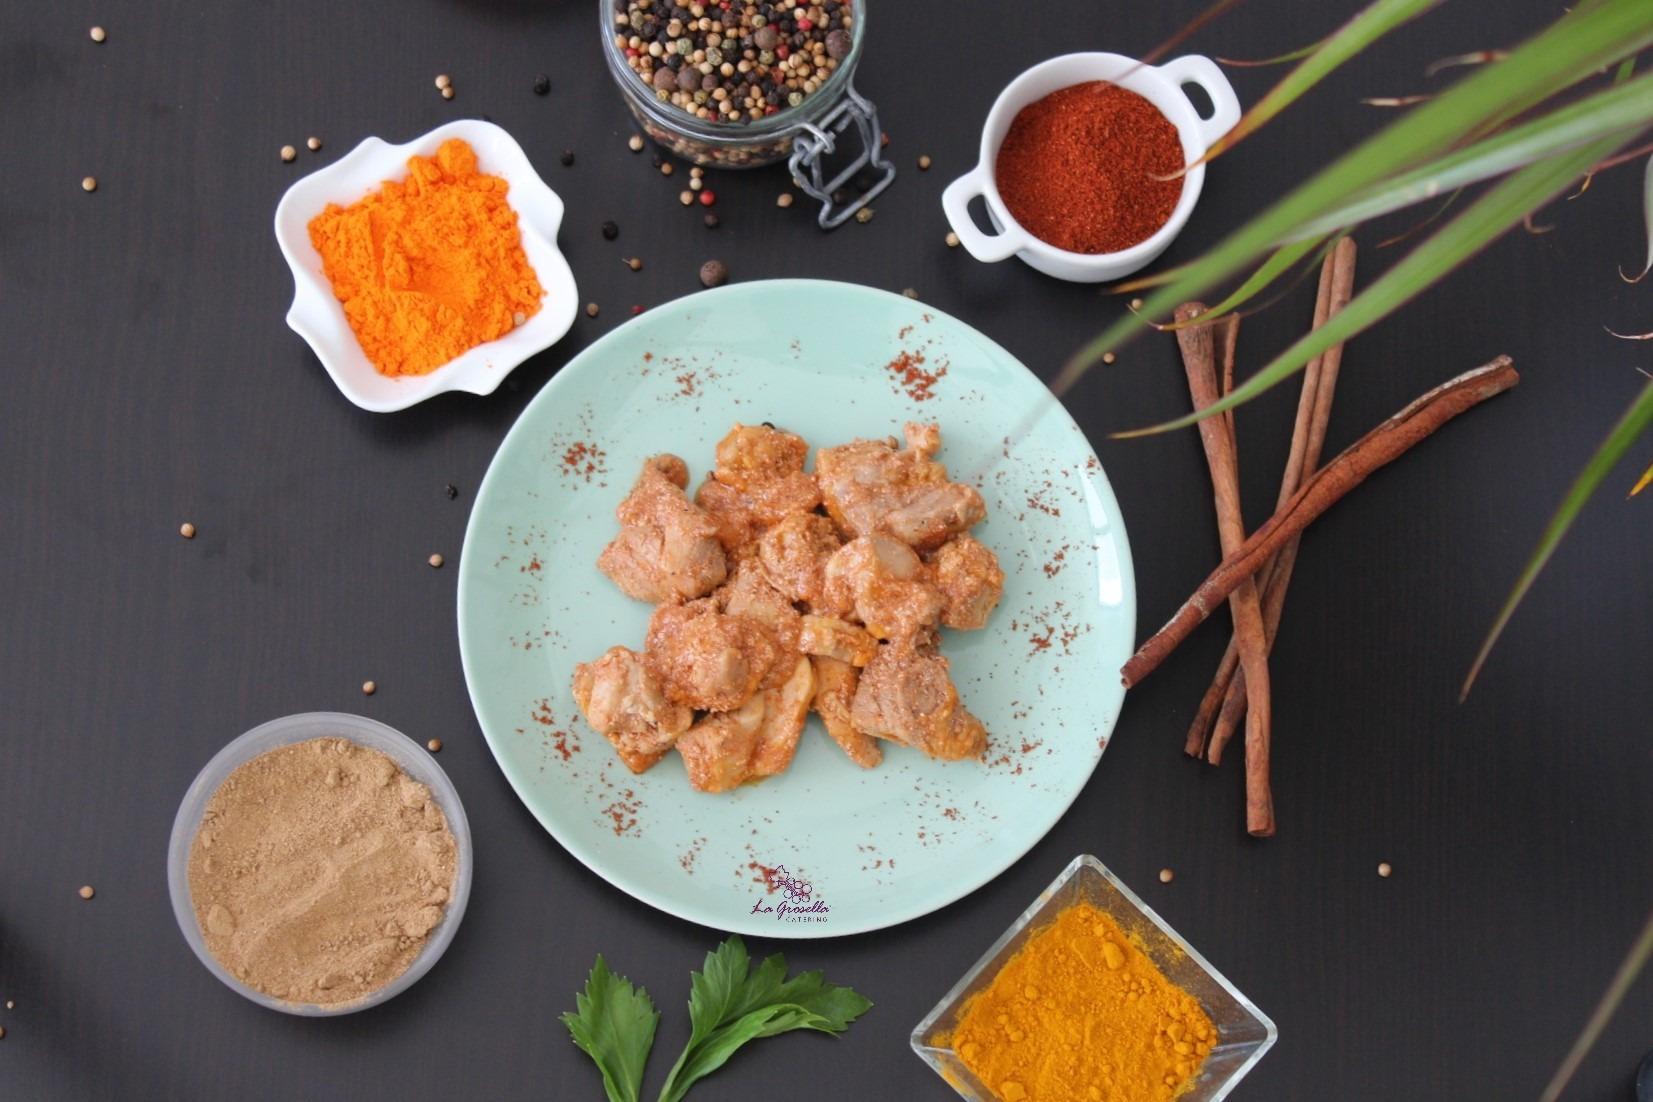 Ragu de pollo al estilo Tandoori Masala